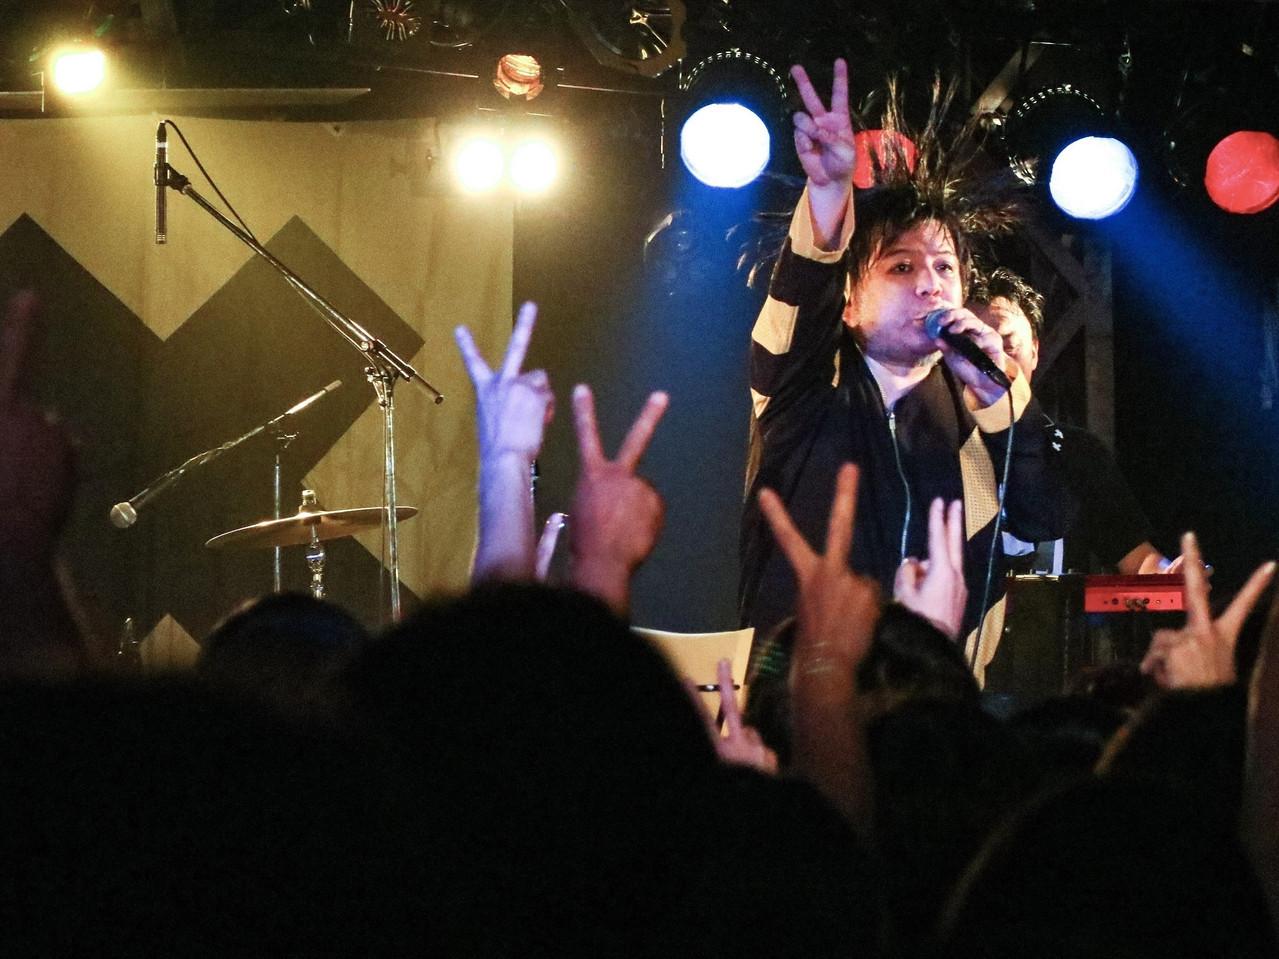 2018.05.26 有頂天・新宿ロフト